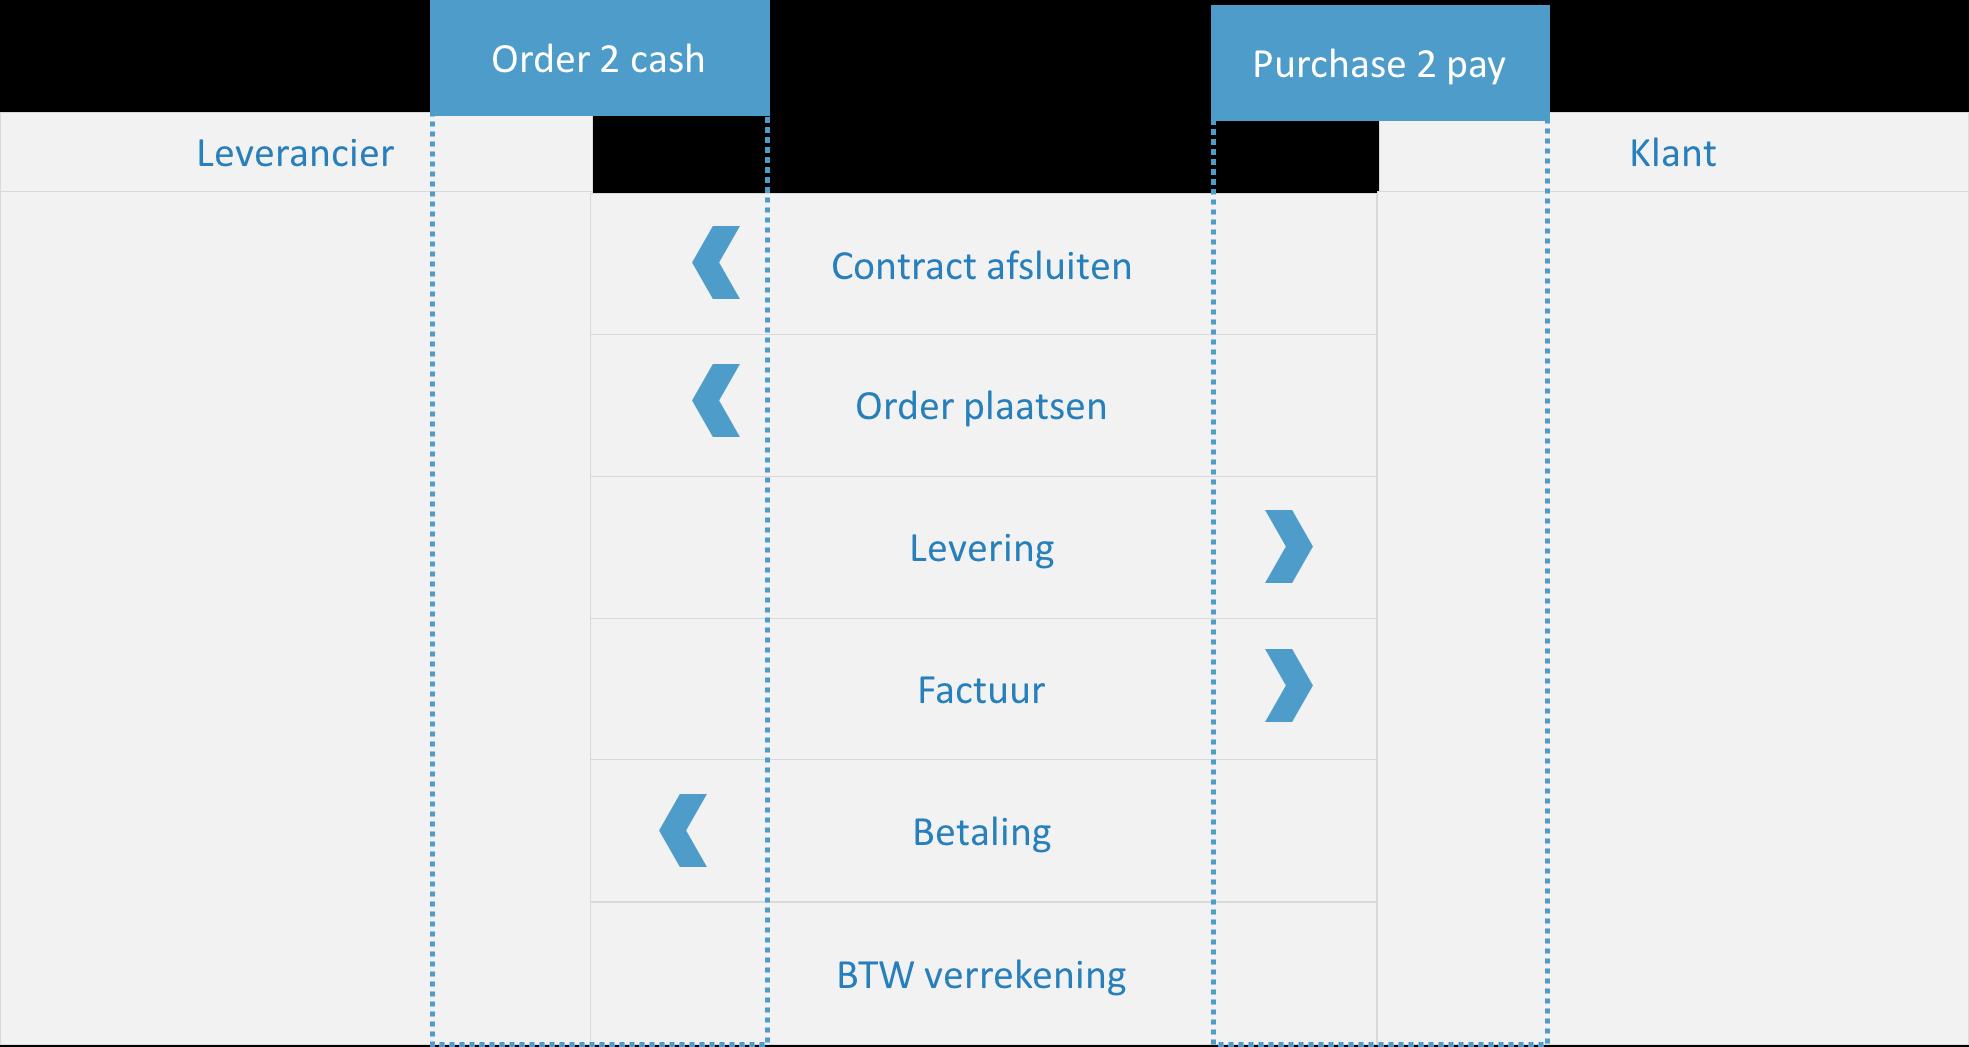 Figuur order-to-cash